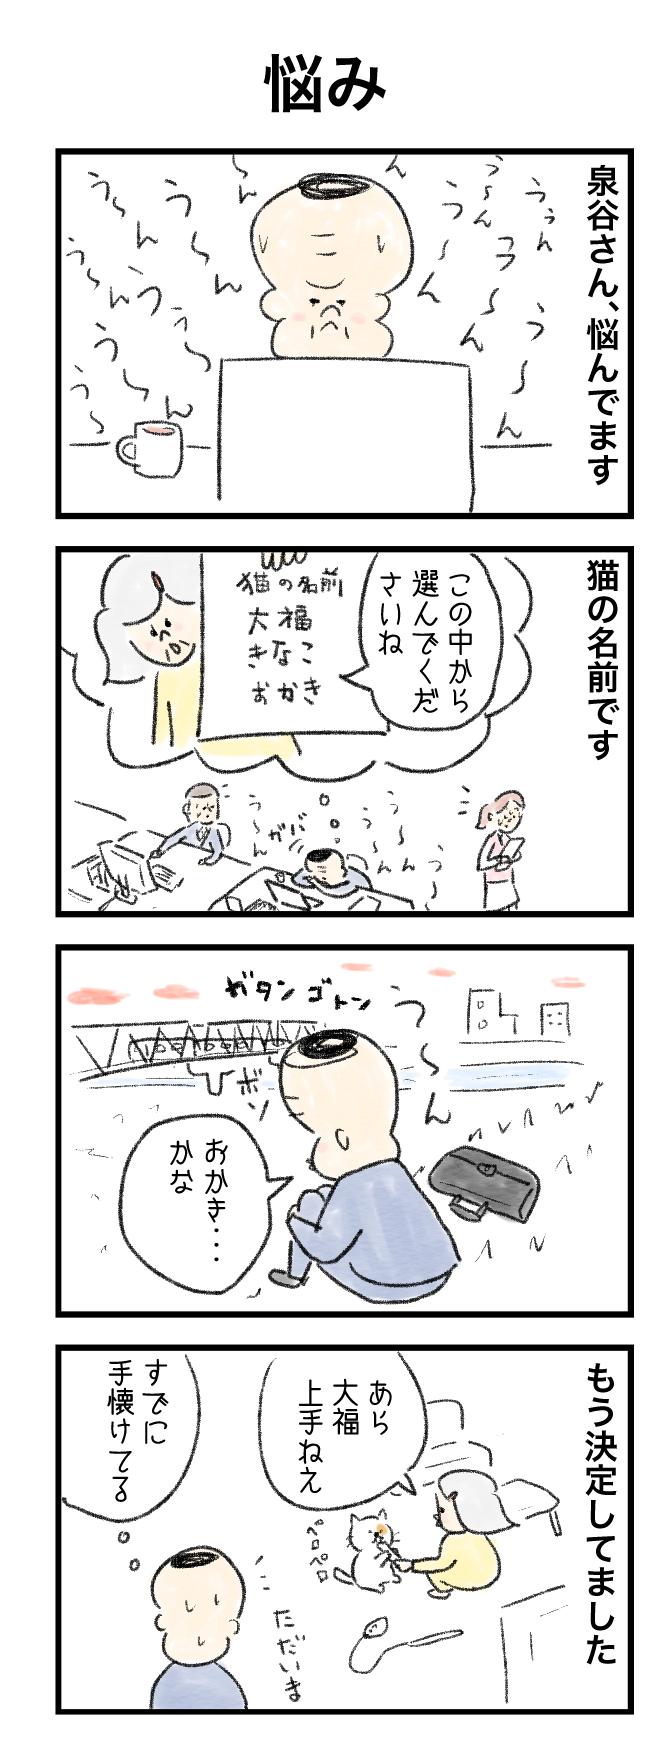 今日の泉谷さん【6】悩み 作:カワサキヒロシ(ごとお日漫画)